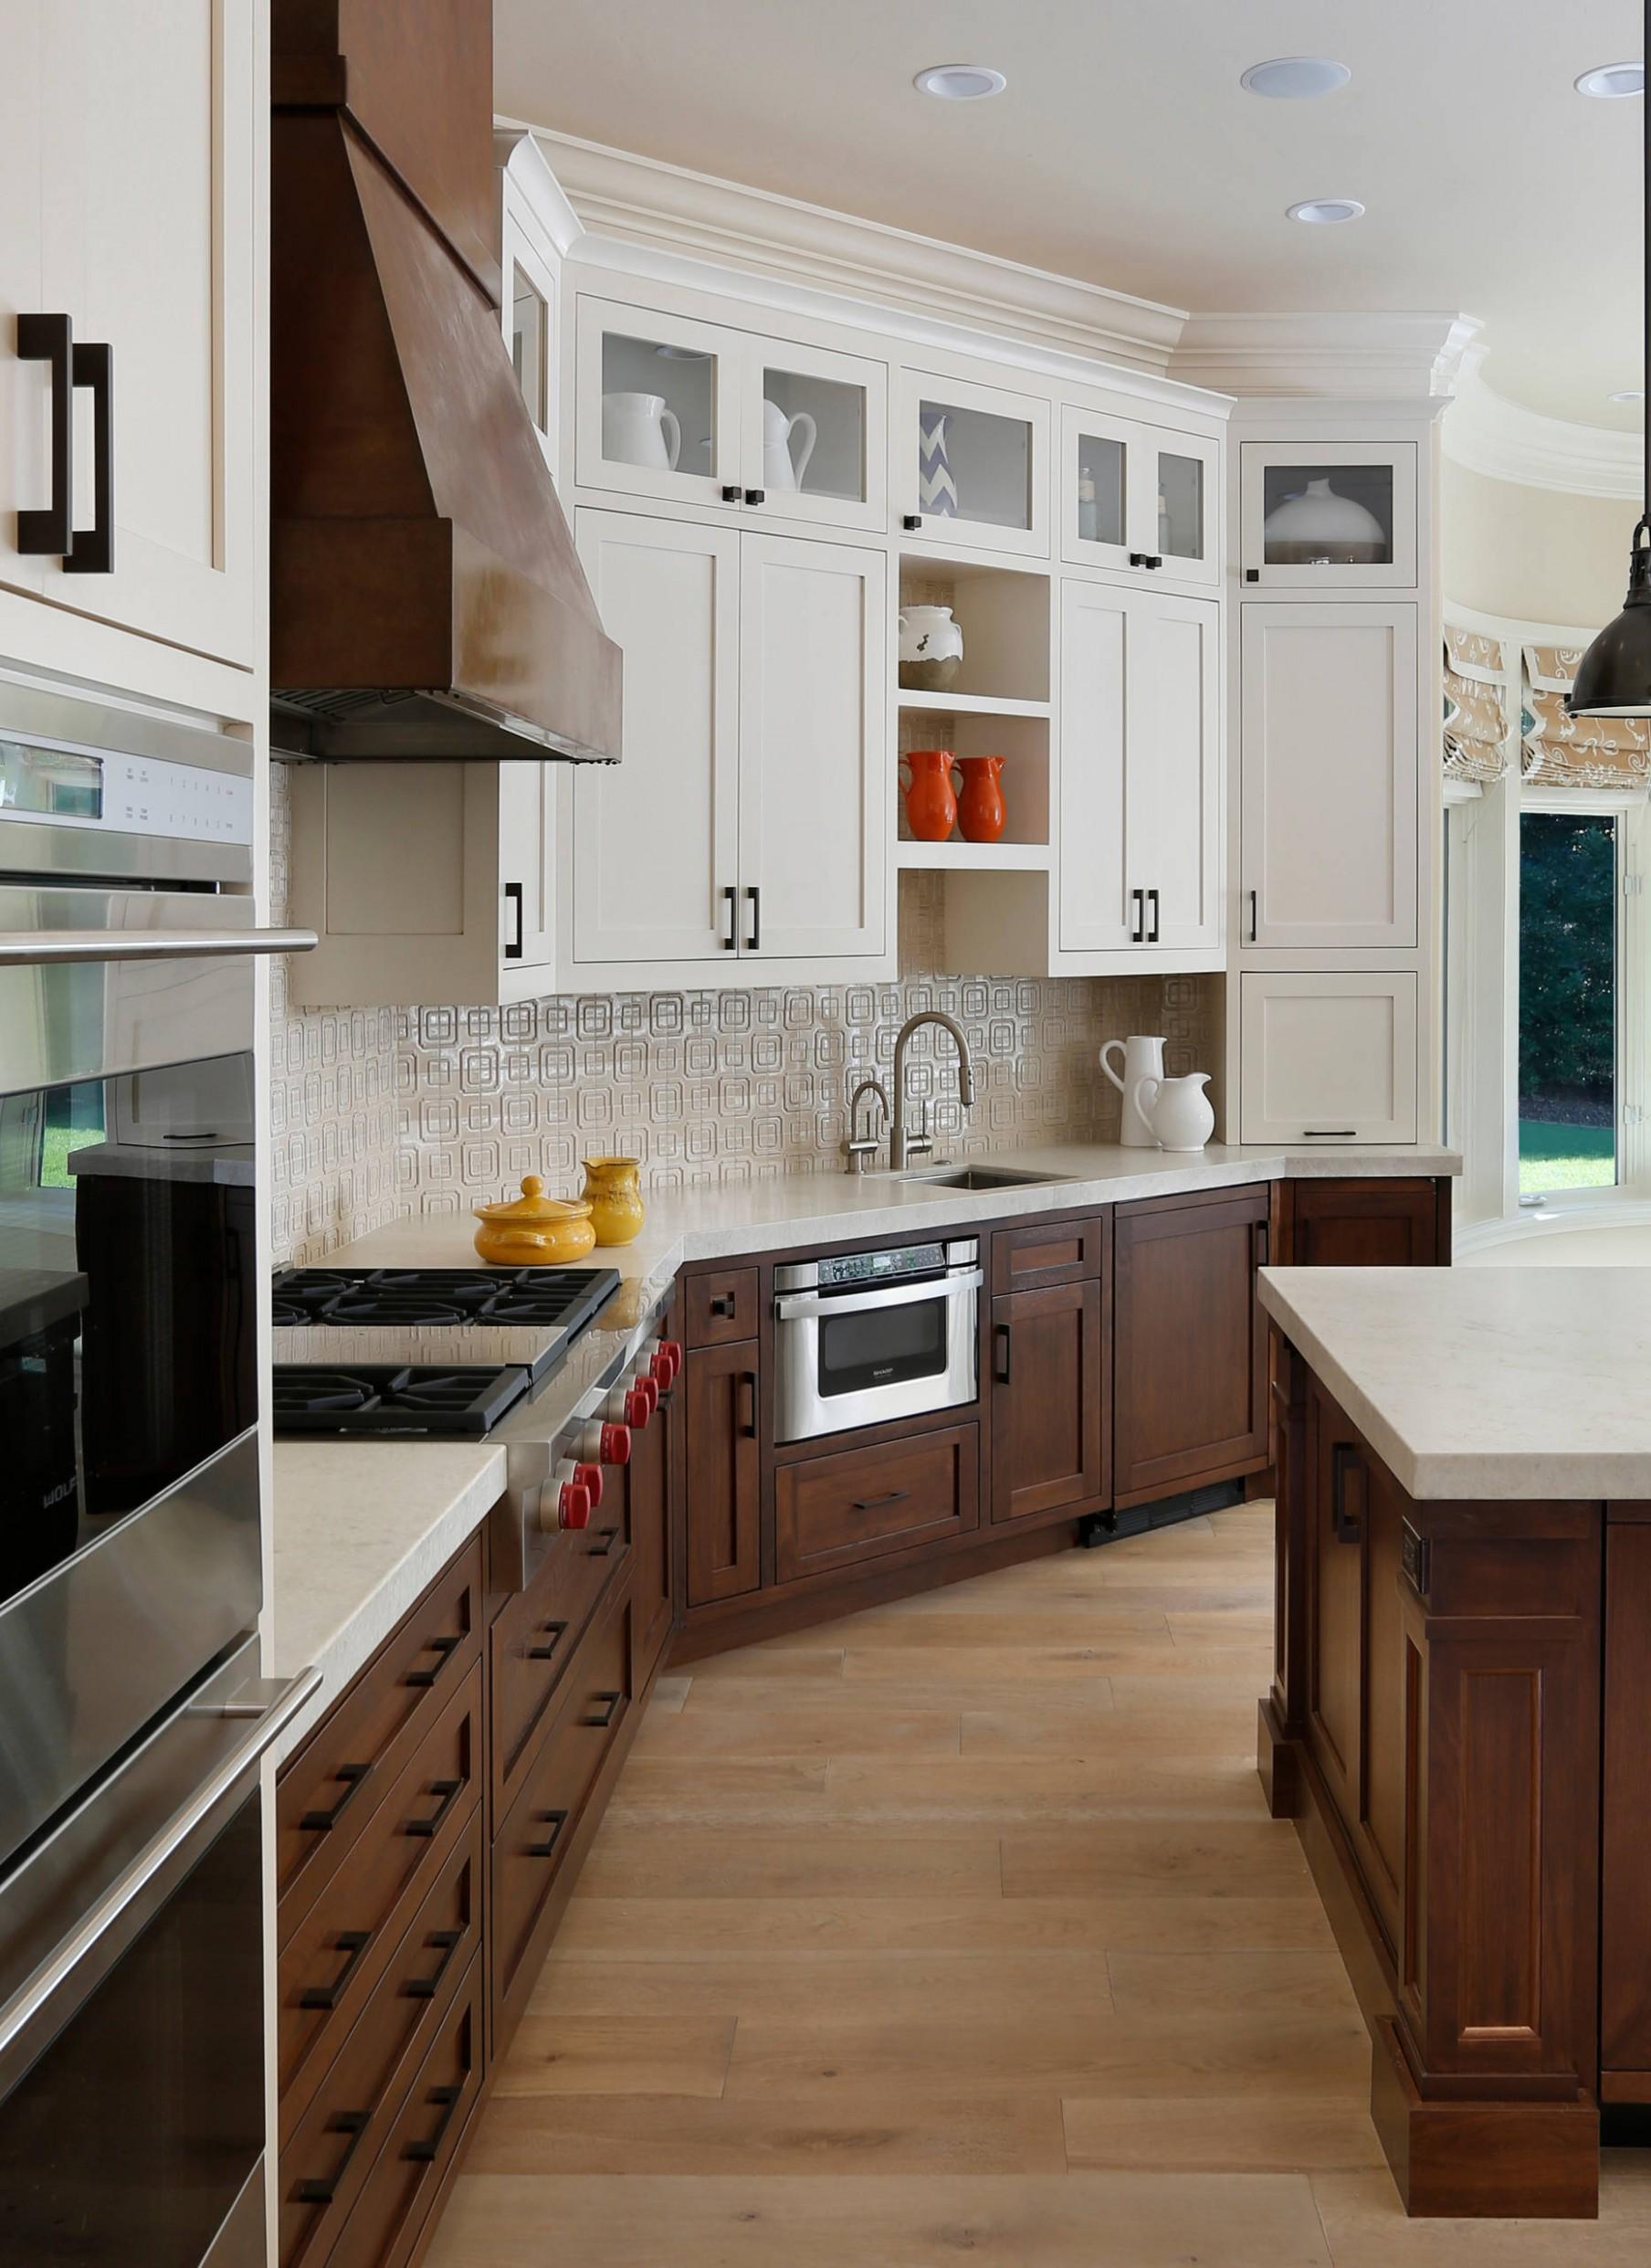 White Upper Cabinets  Houzz - Kitchen Designs With White Upper Cabinets And Dark Lower Cabinets